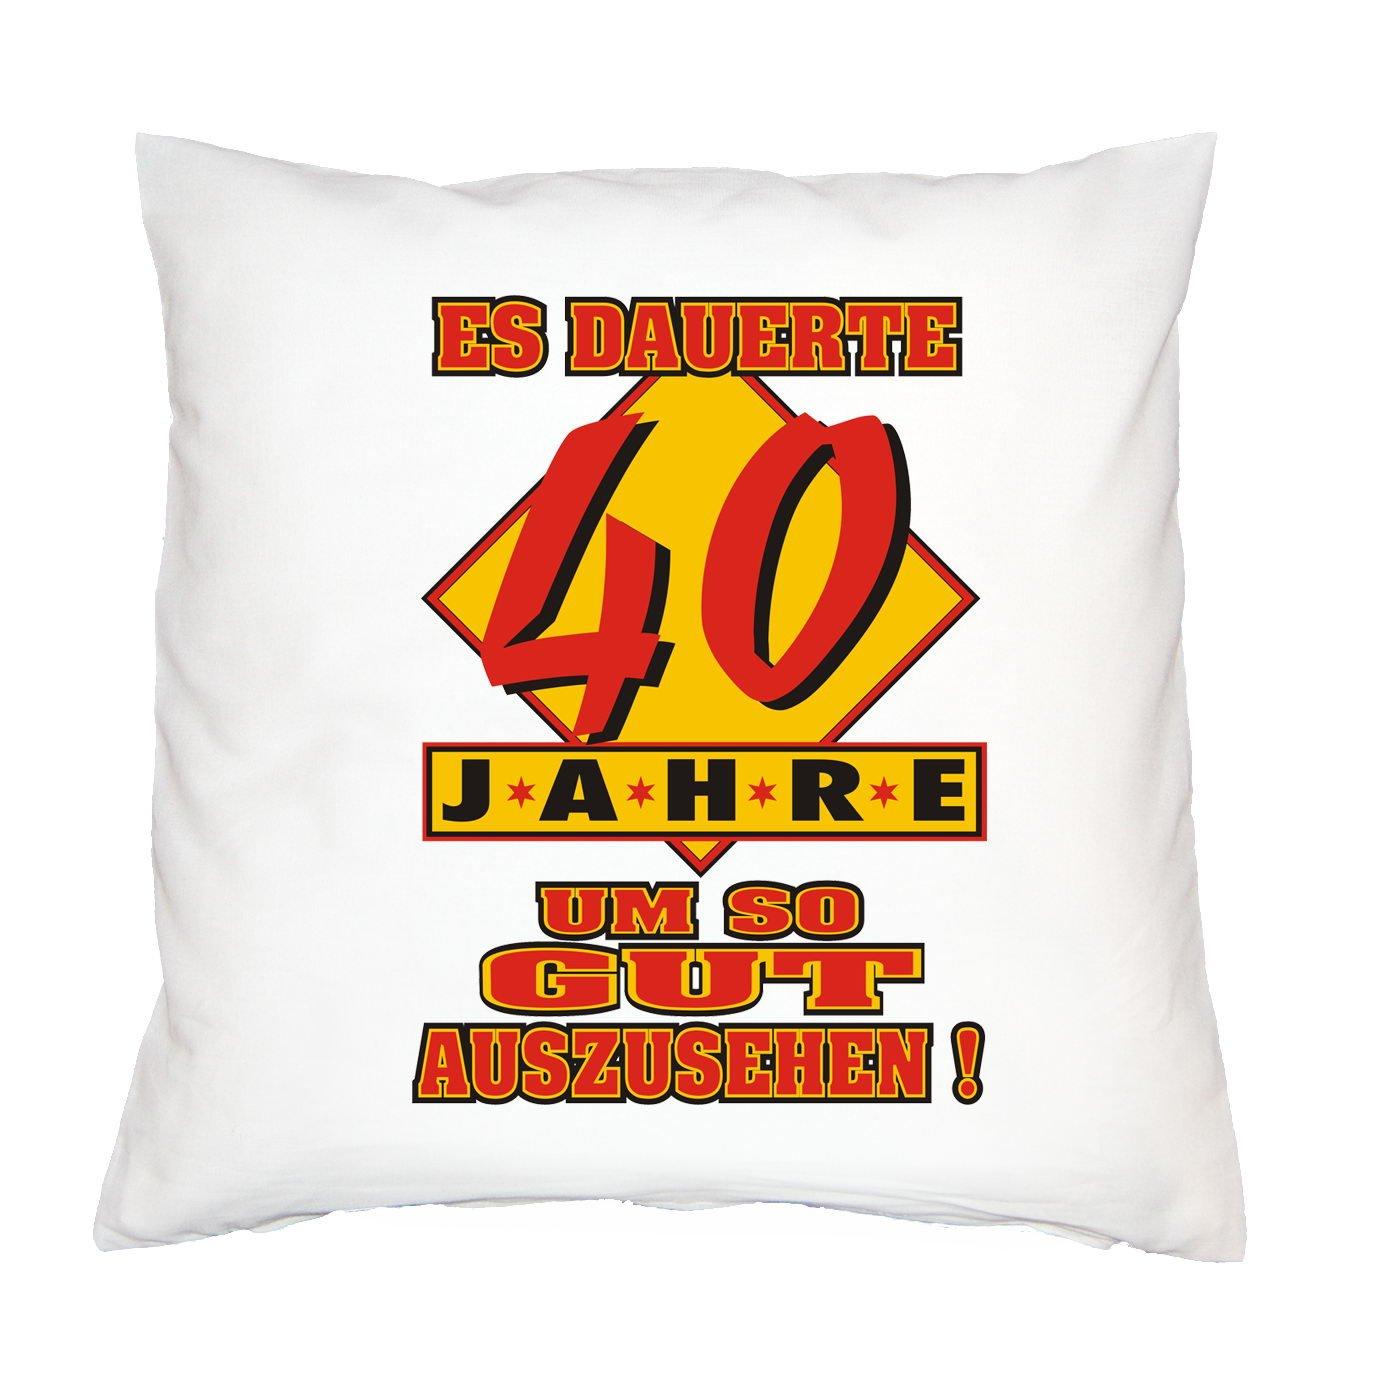 Kissen mit Innenkissen – Es dauerte 40 Jahre um so gut auszusehen! – zum 40. Geburtstag Geschenk – 40 x 40 cm – in weiss günstig bestellen